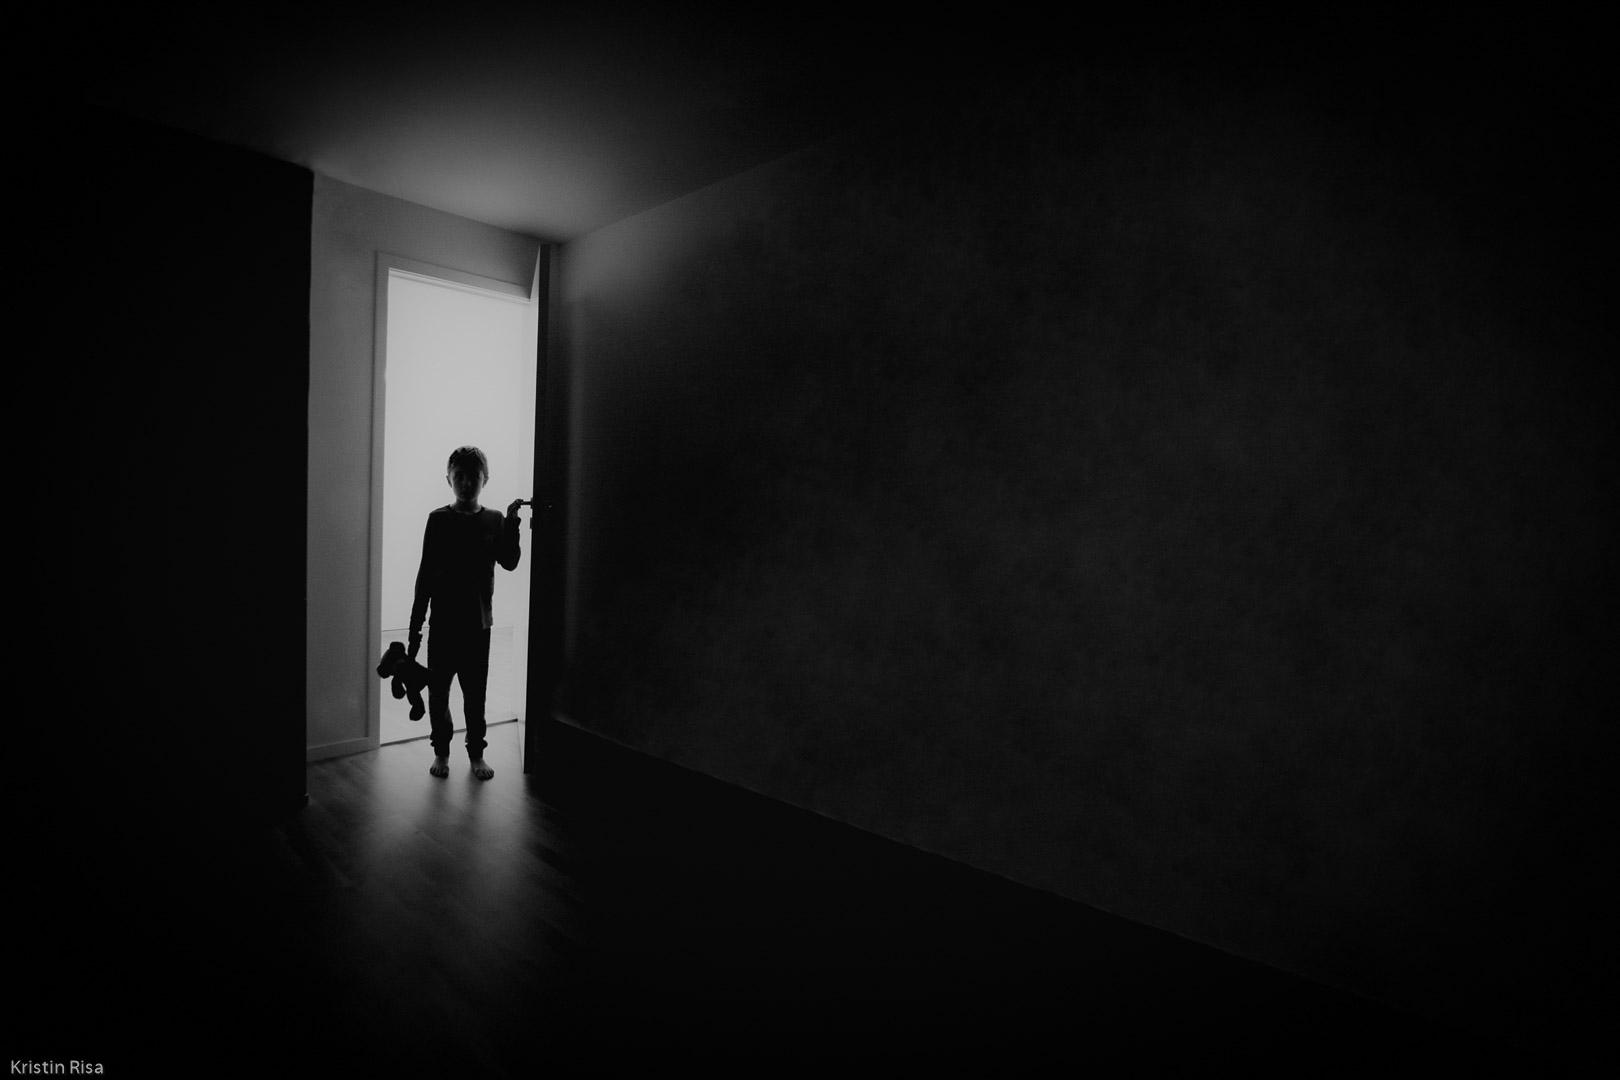 PRM-Hederlig omtale-Kristin Risa-Bad dreams